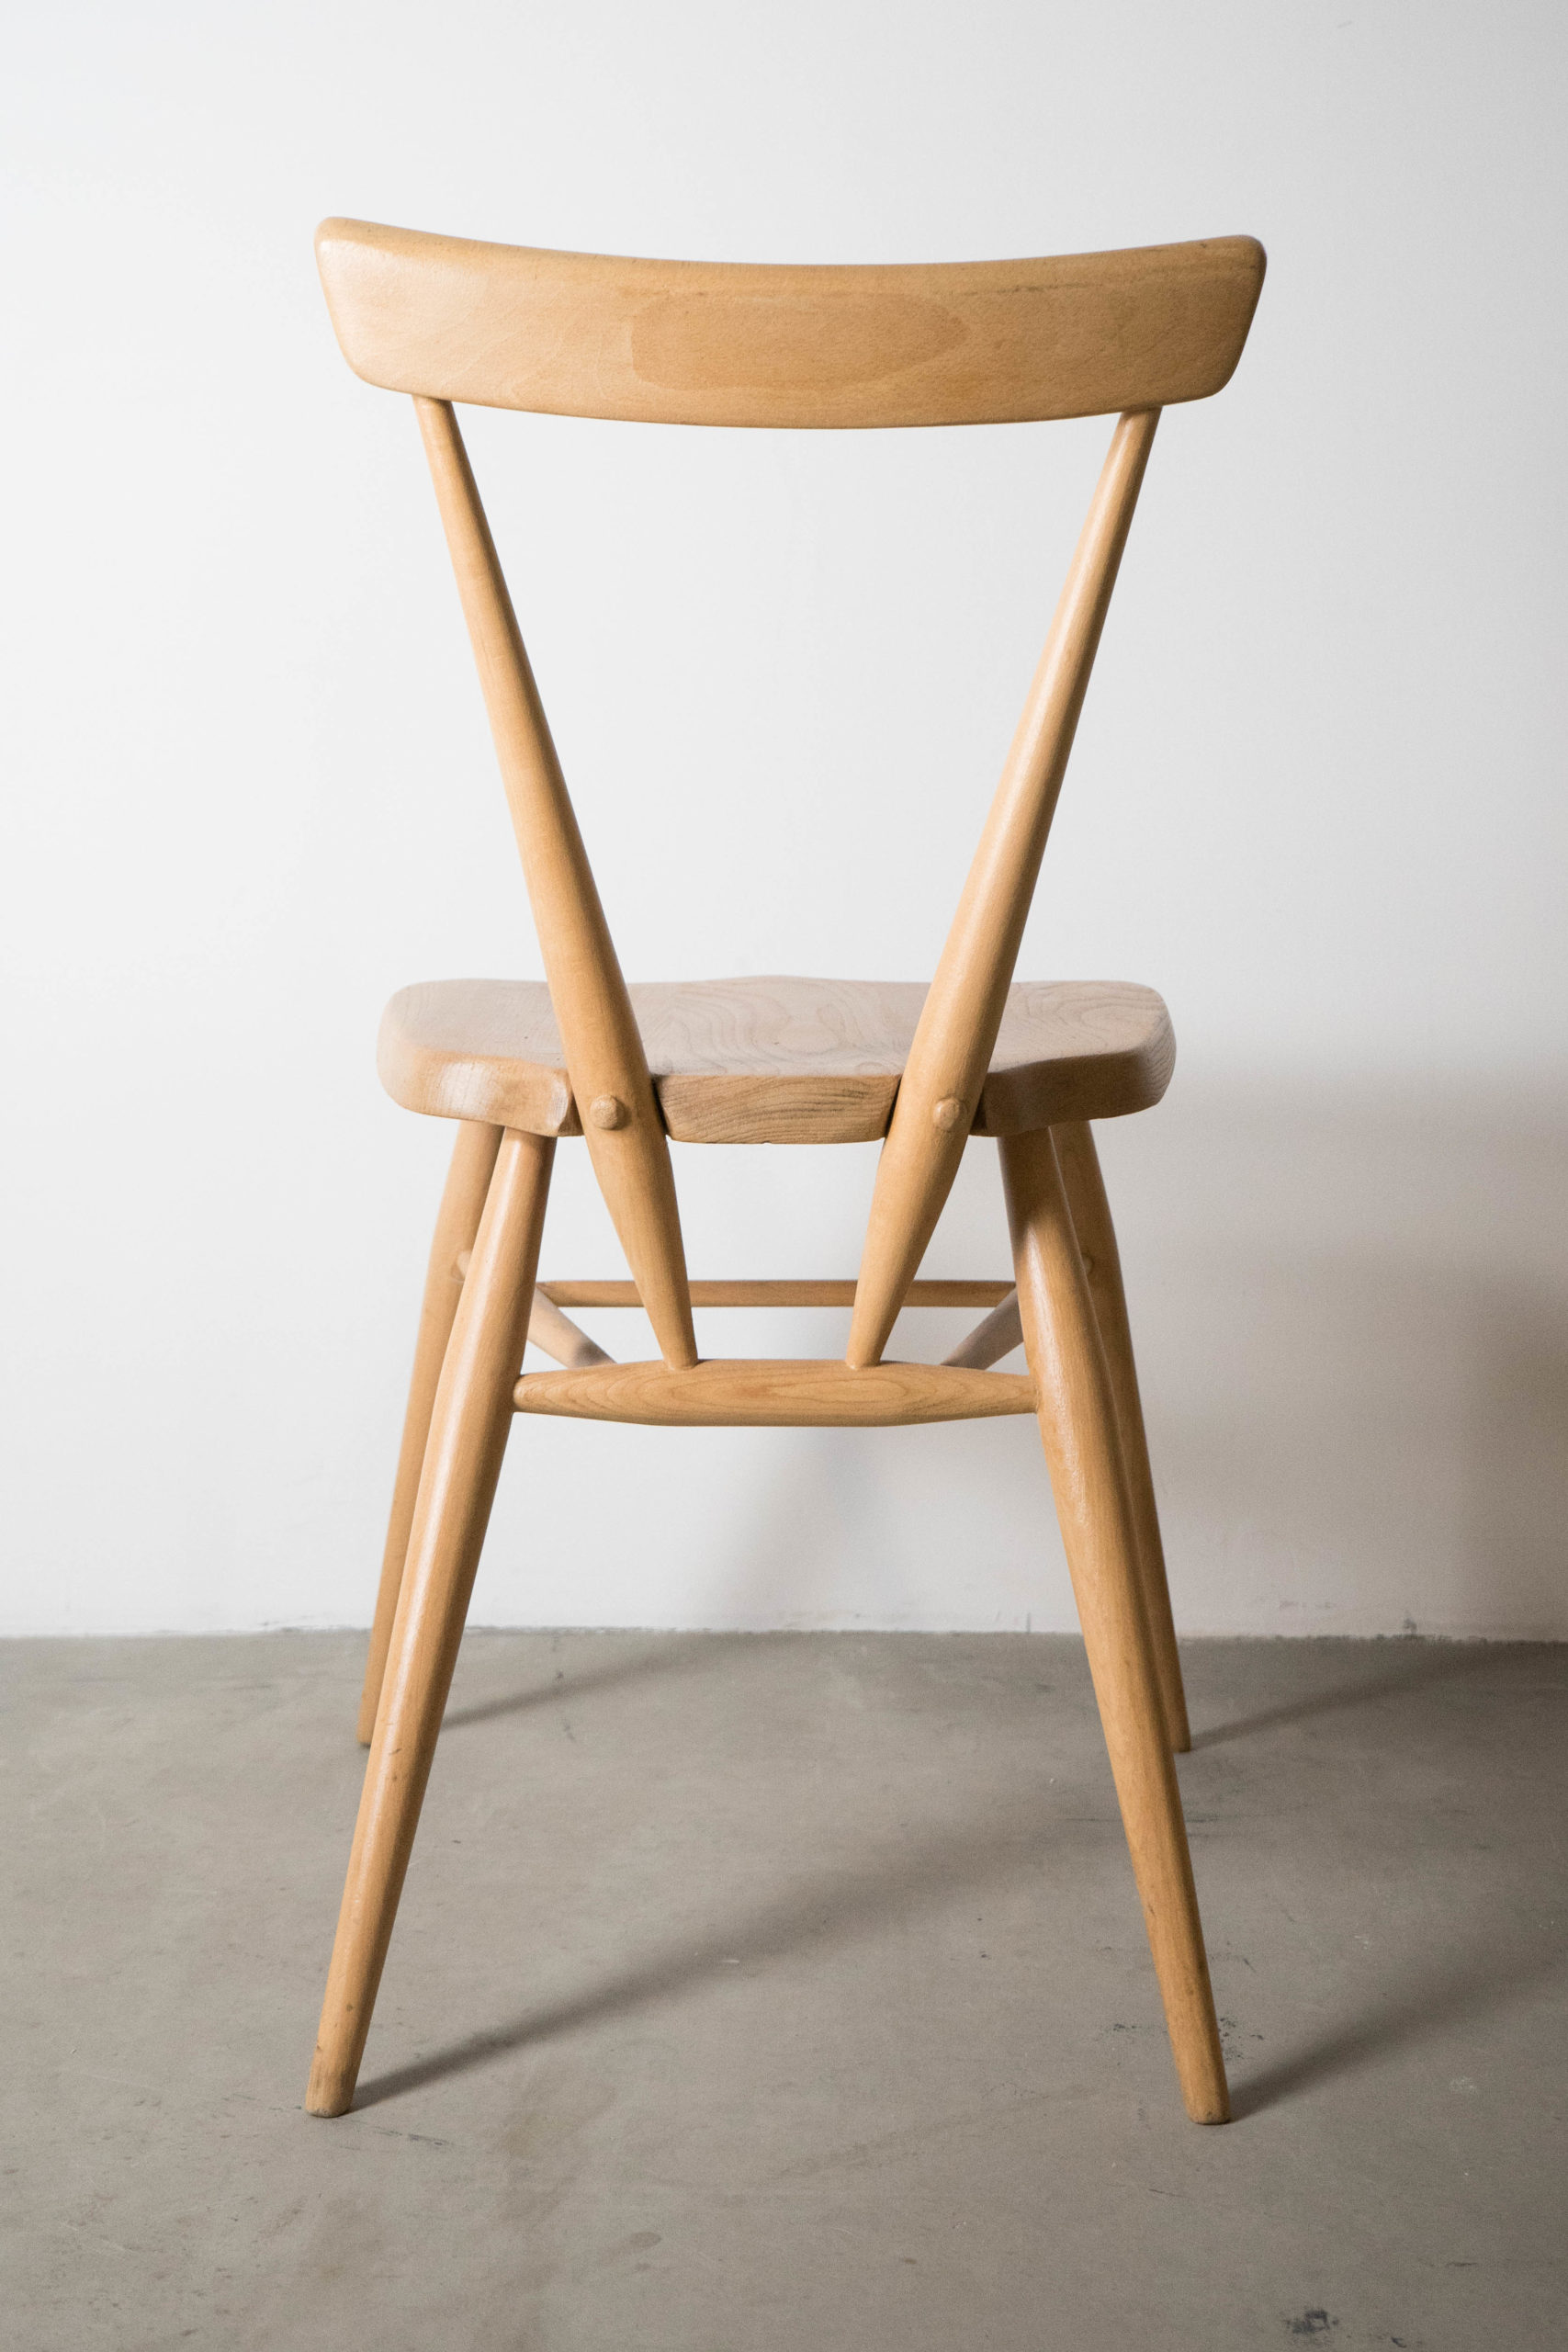 silla ercol stacking de madera de olmo vintage retro de calidad